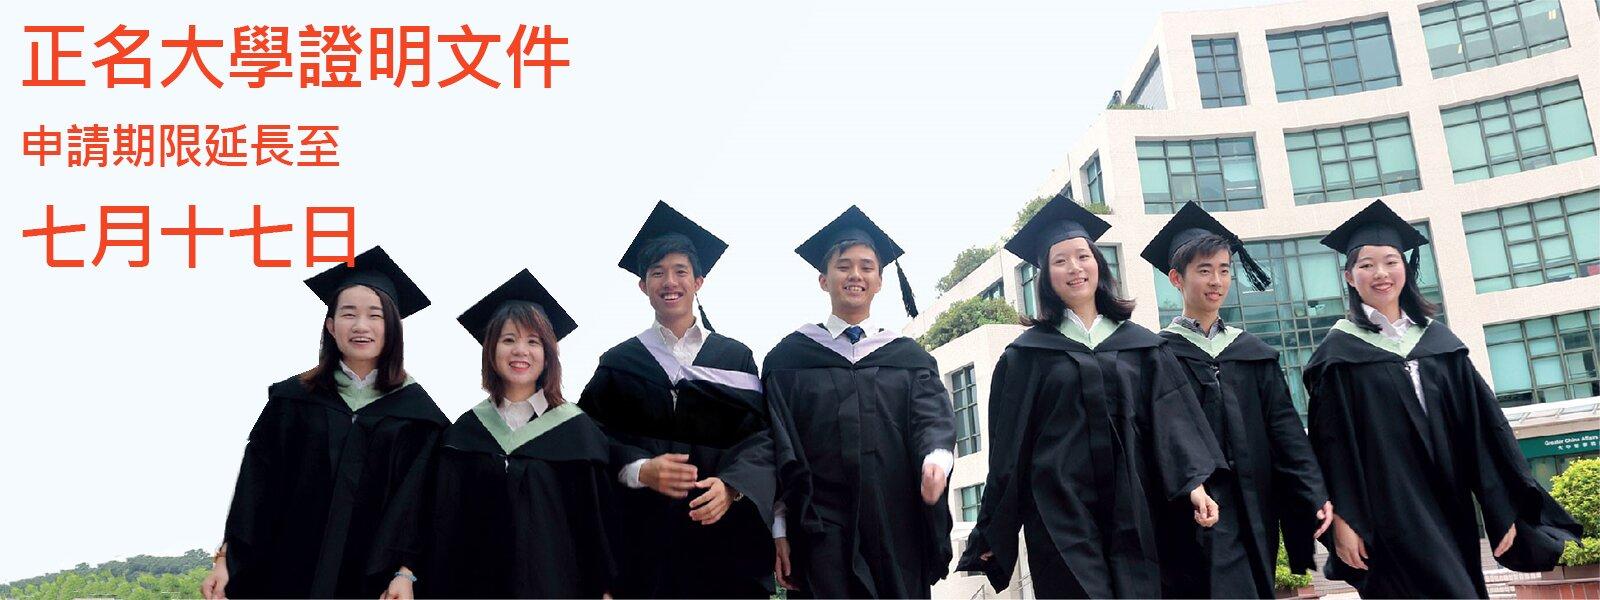 正名大學證明文件申請期限延長至七月十七日